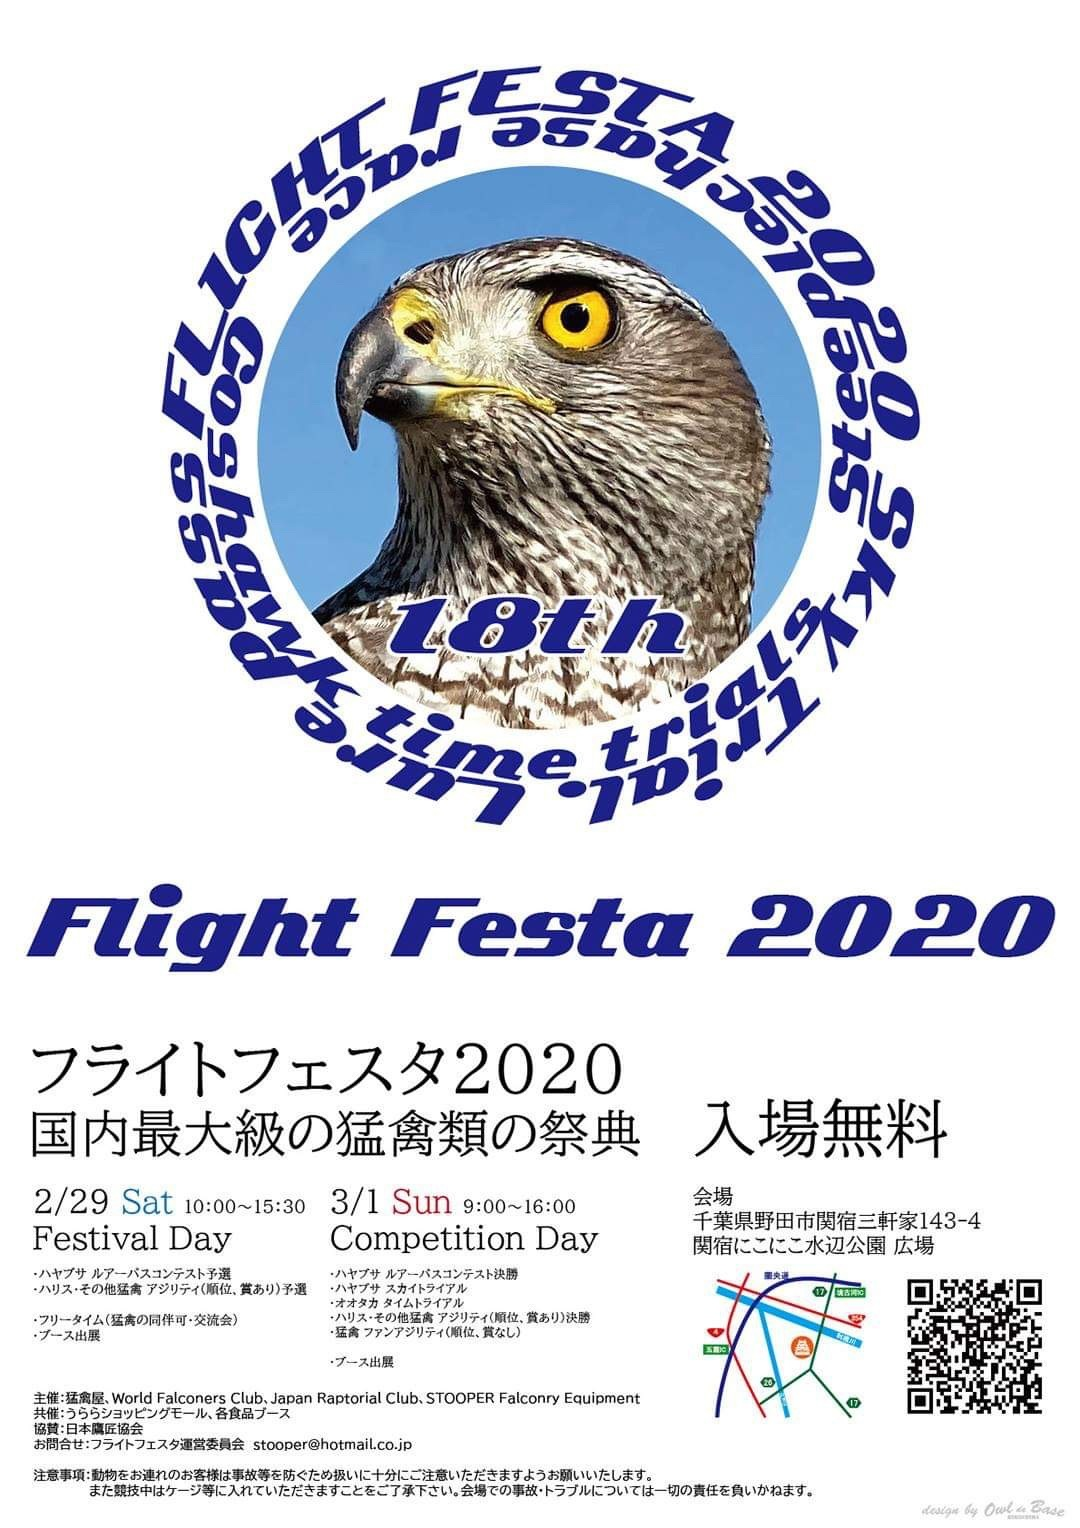 Flight Festa 2020 Schedule and Access (フライトフェスタ2019 スケジュール&アクセス)_c0132048_09474501.jpeg